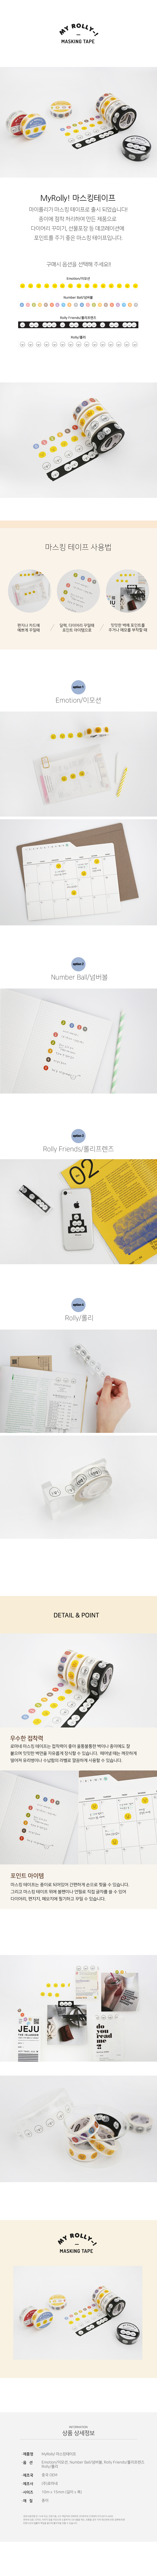 MyRolly 마스킹테이프 - 로마네, 2,000원, 마스킹 테이프, 종이 마스킹테이프